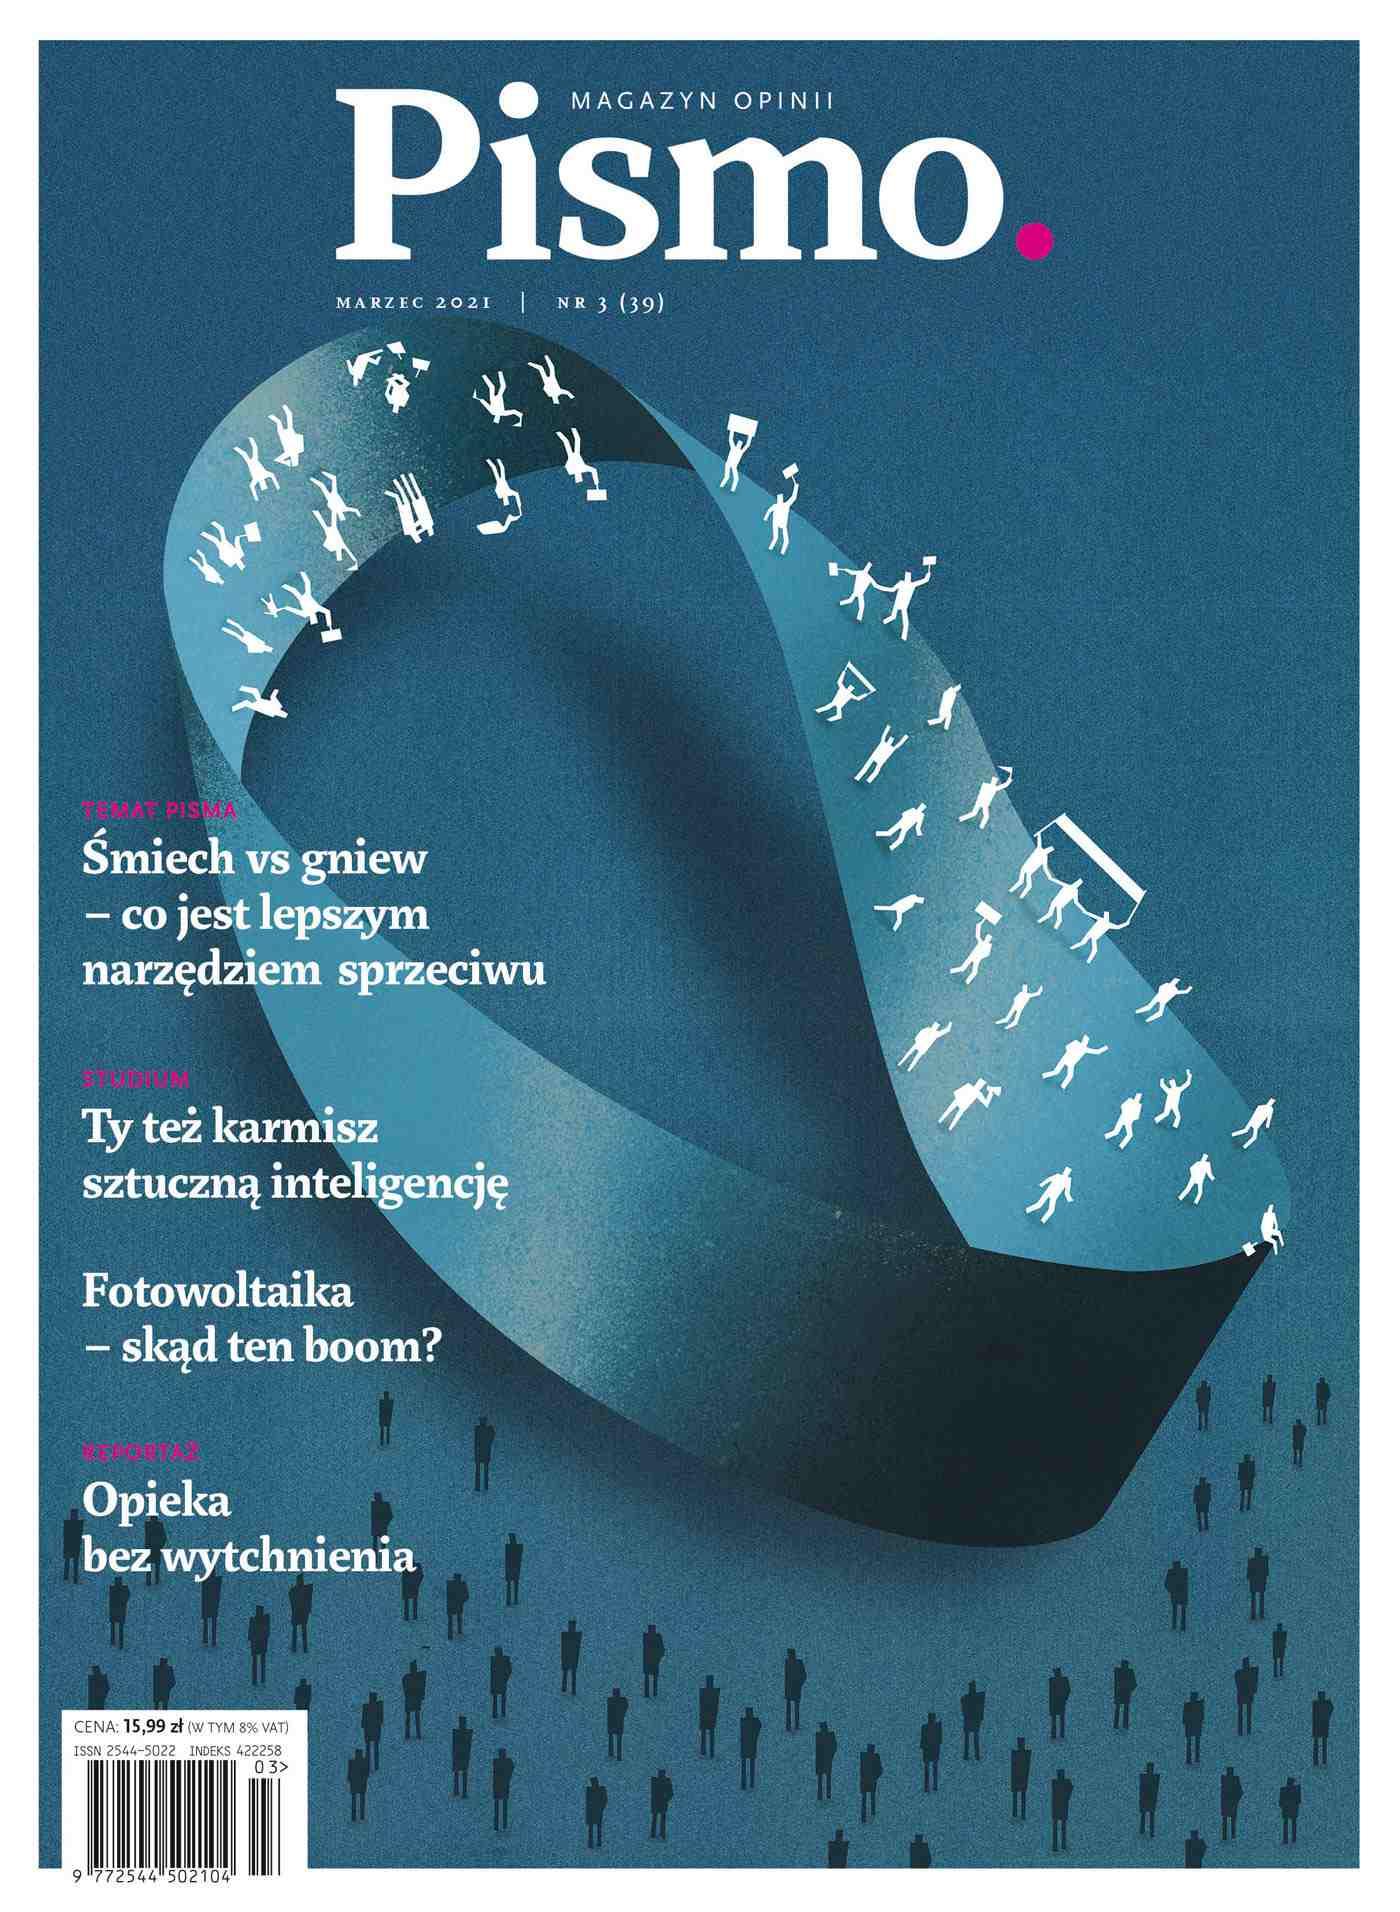 Pismo. Magazyn Opinii 03/2021 - Ebook (Książka EPUB) do pobrania w formacie EPUB